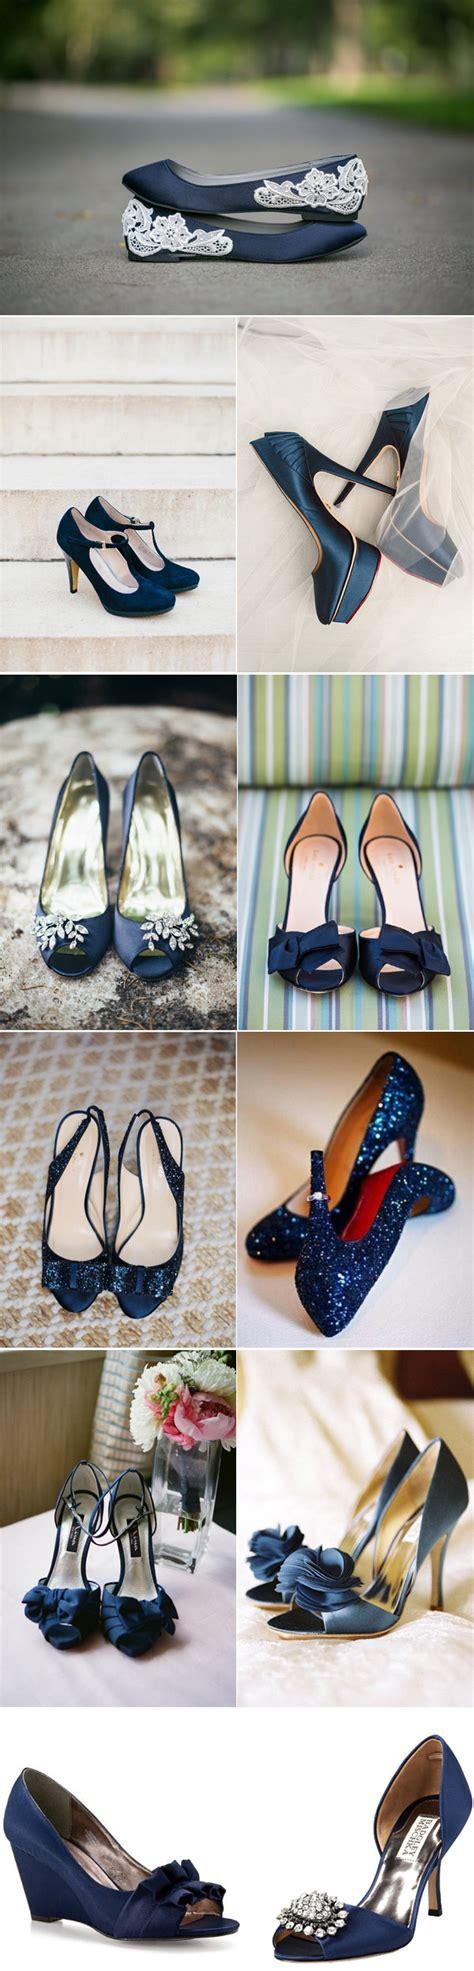 Sepatu Qupid light blue wedding shoes archives deer pearl flowers